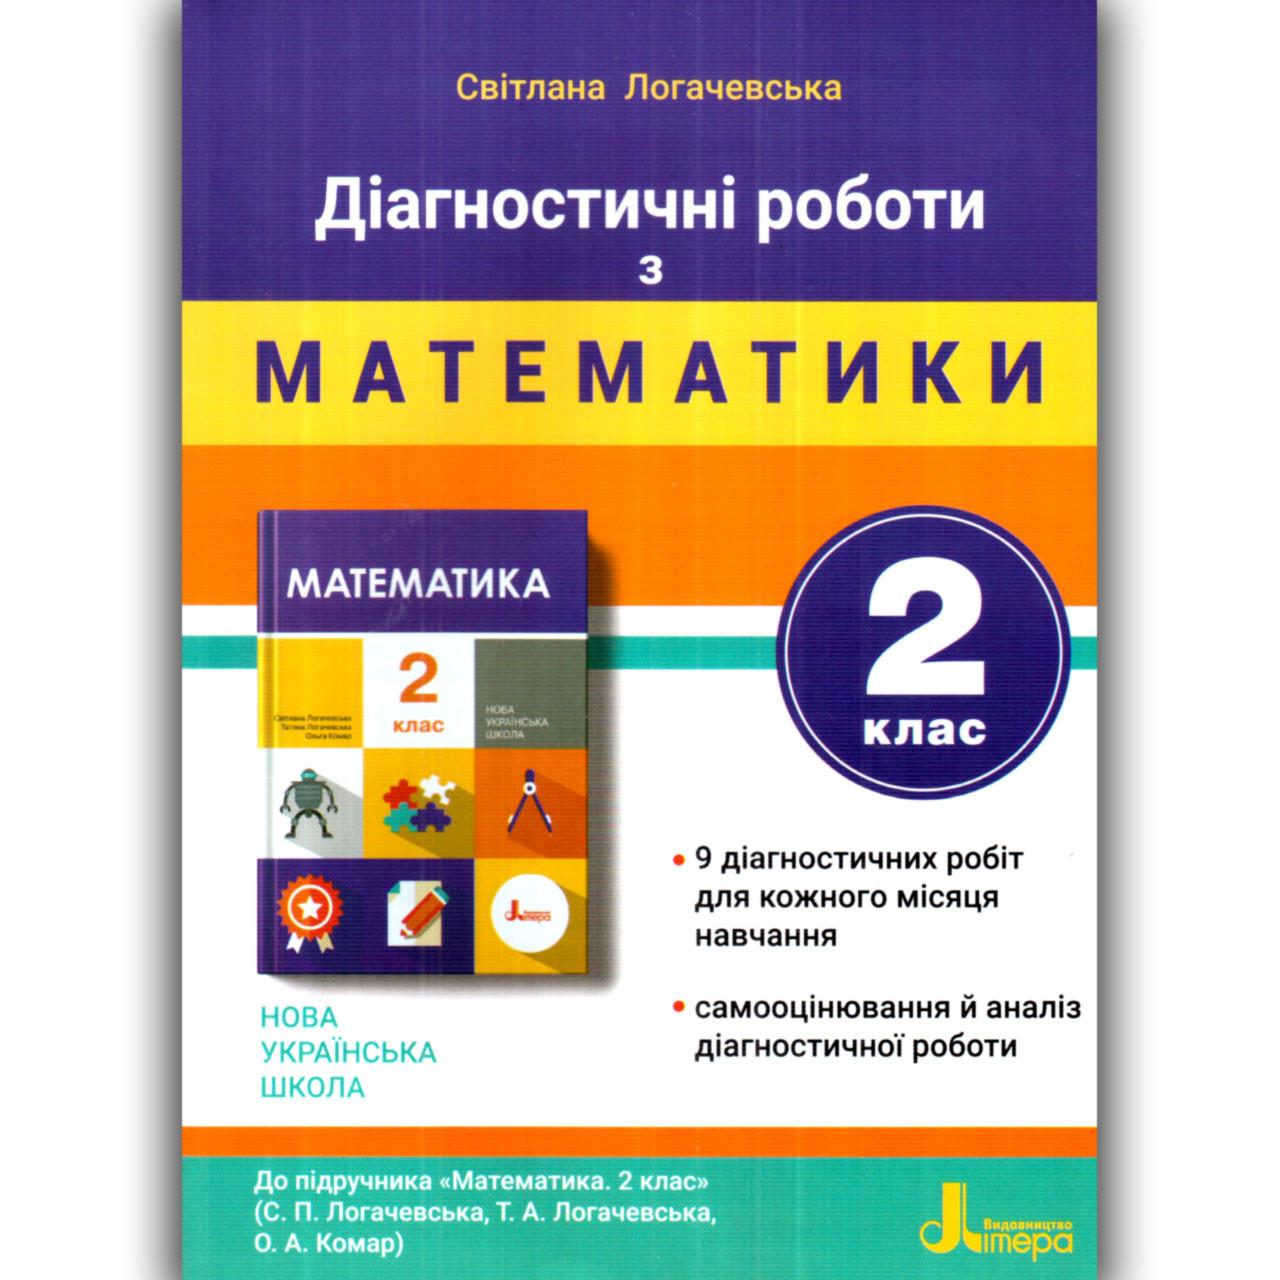 Діагностичні роботи Математика 2 клас Авт: Логачевська С. Вид: Літера